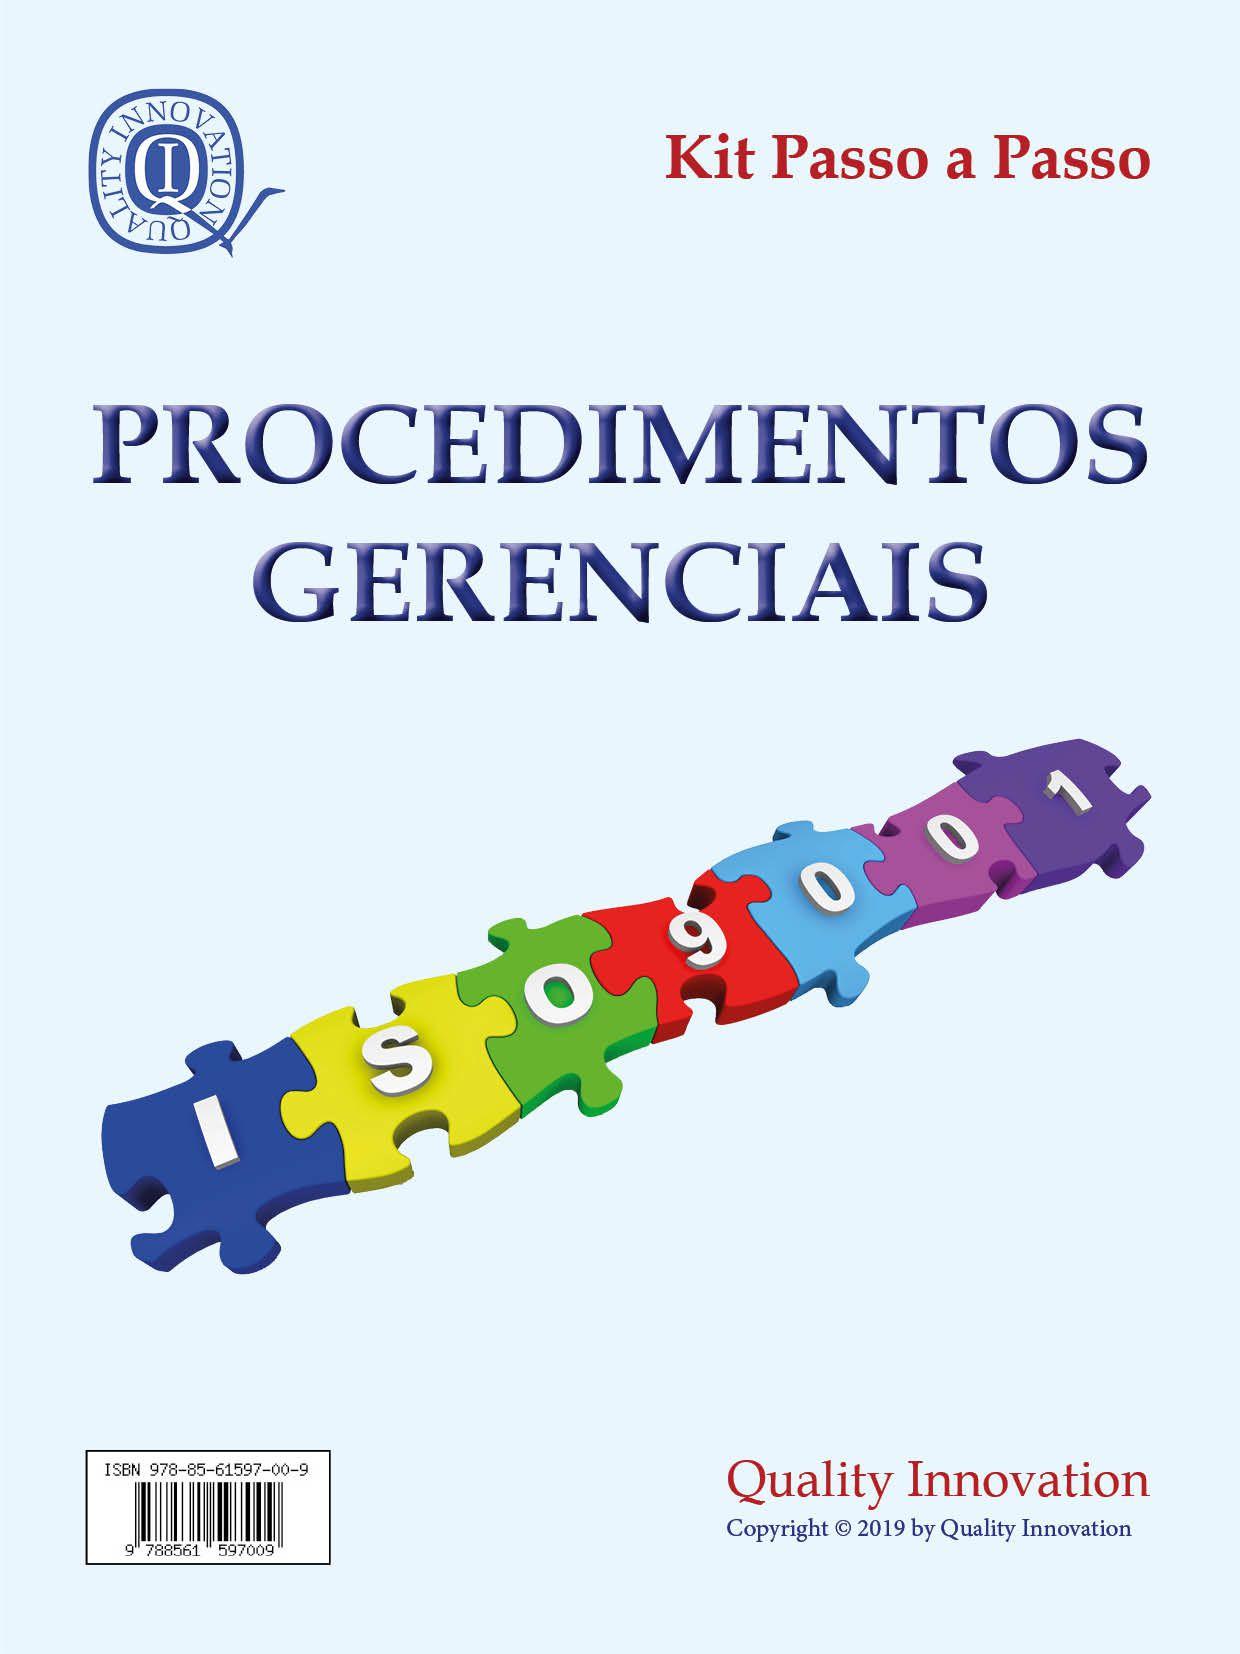 Procedimentos Gerenciais da ISO 9001  - www.qualistore.net.br